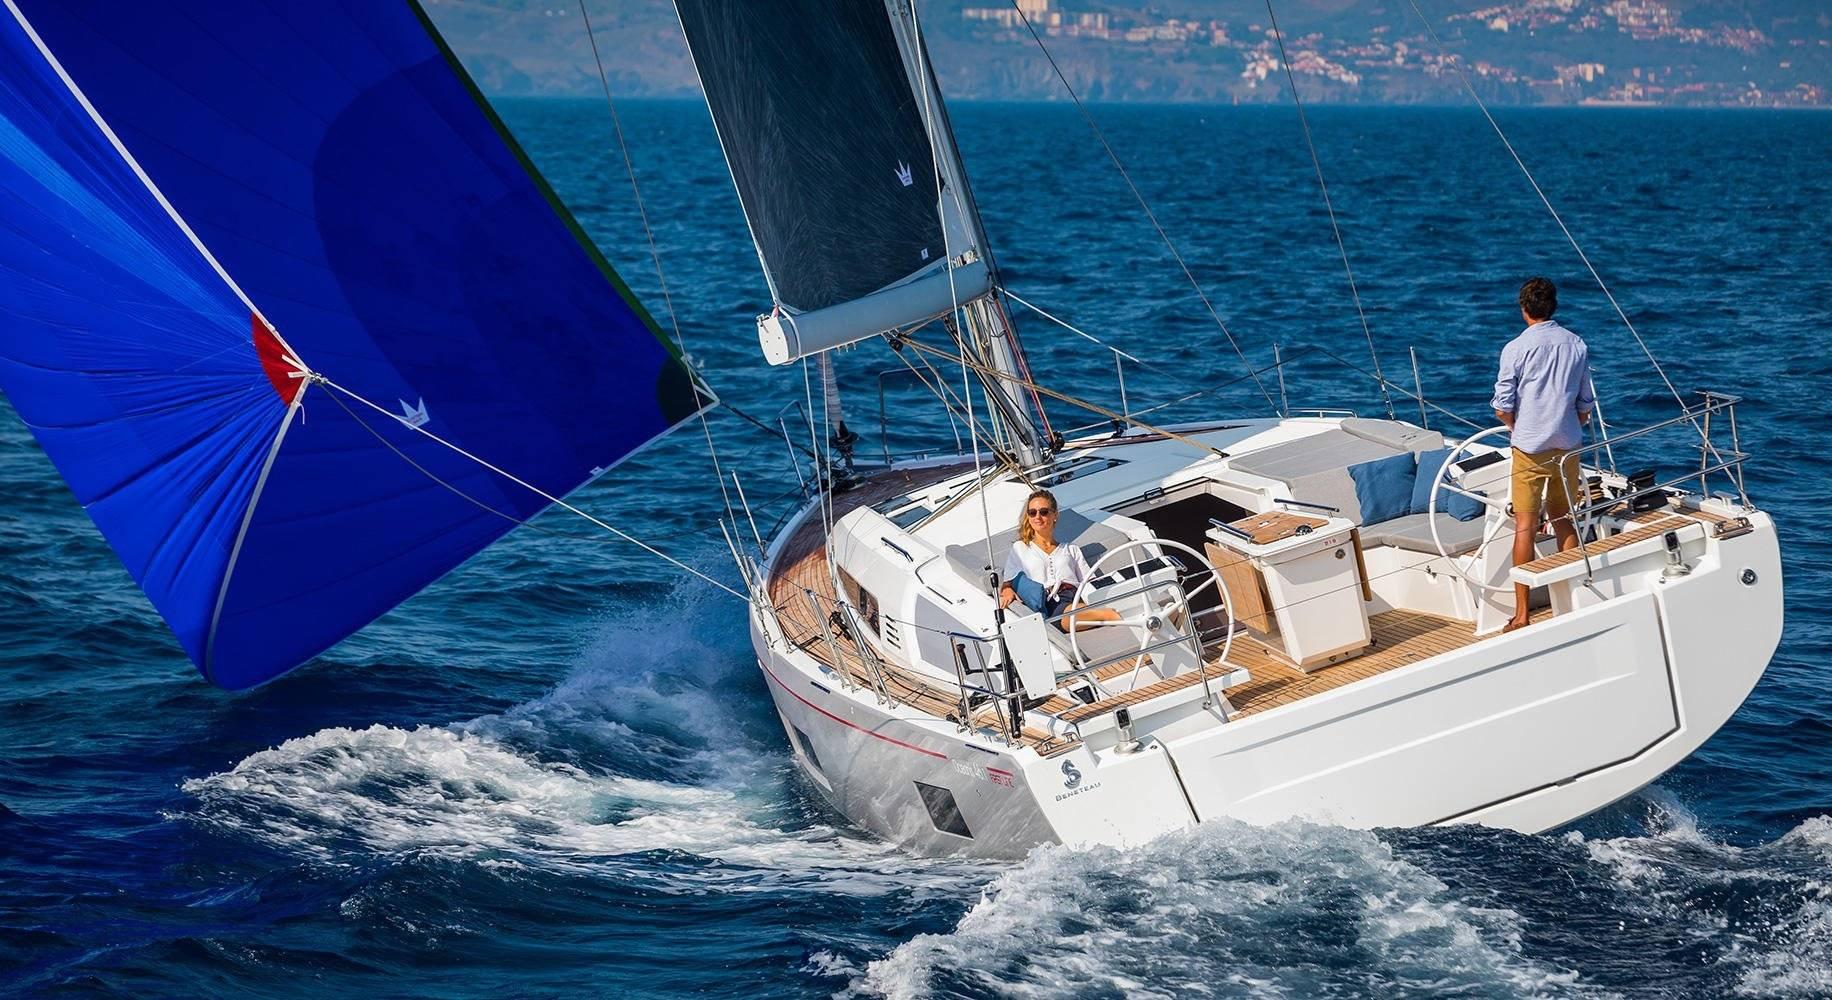 Классификация яхт в испании. какой должна быть идеальная лодка для аренды?